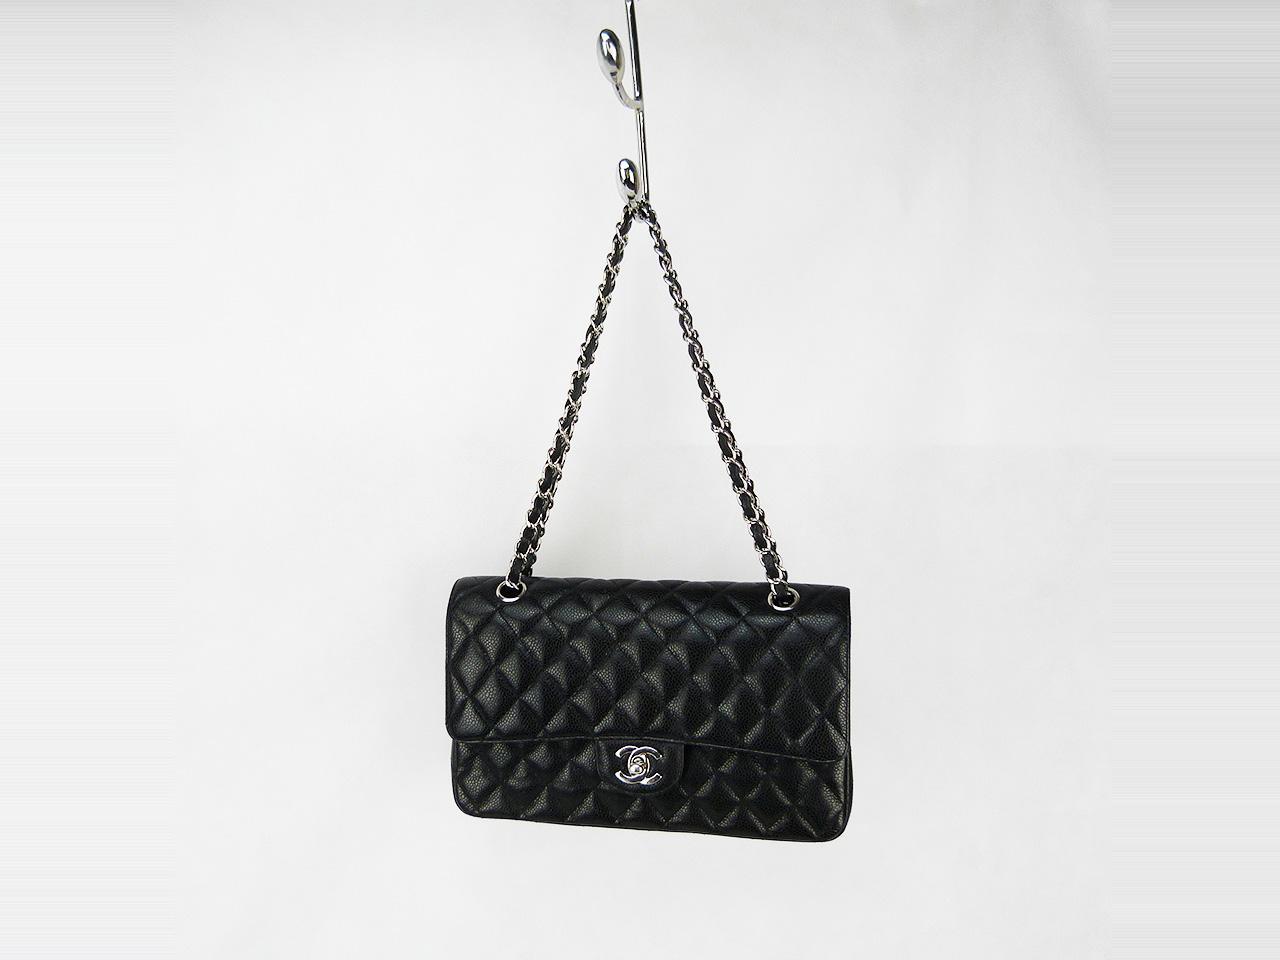 Sac à main Chanel Timeless Authentique d'occasion noir en cuir caviar